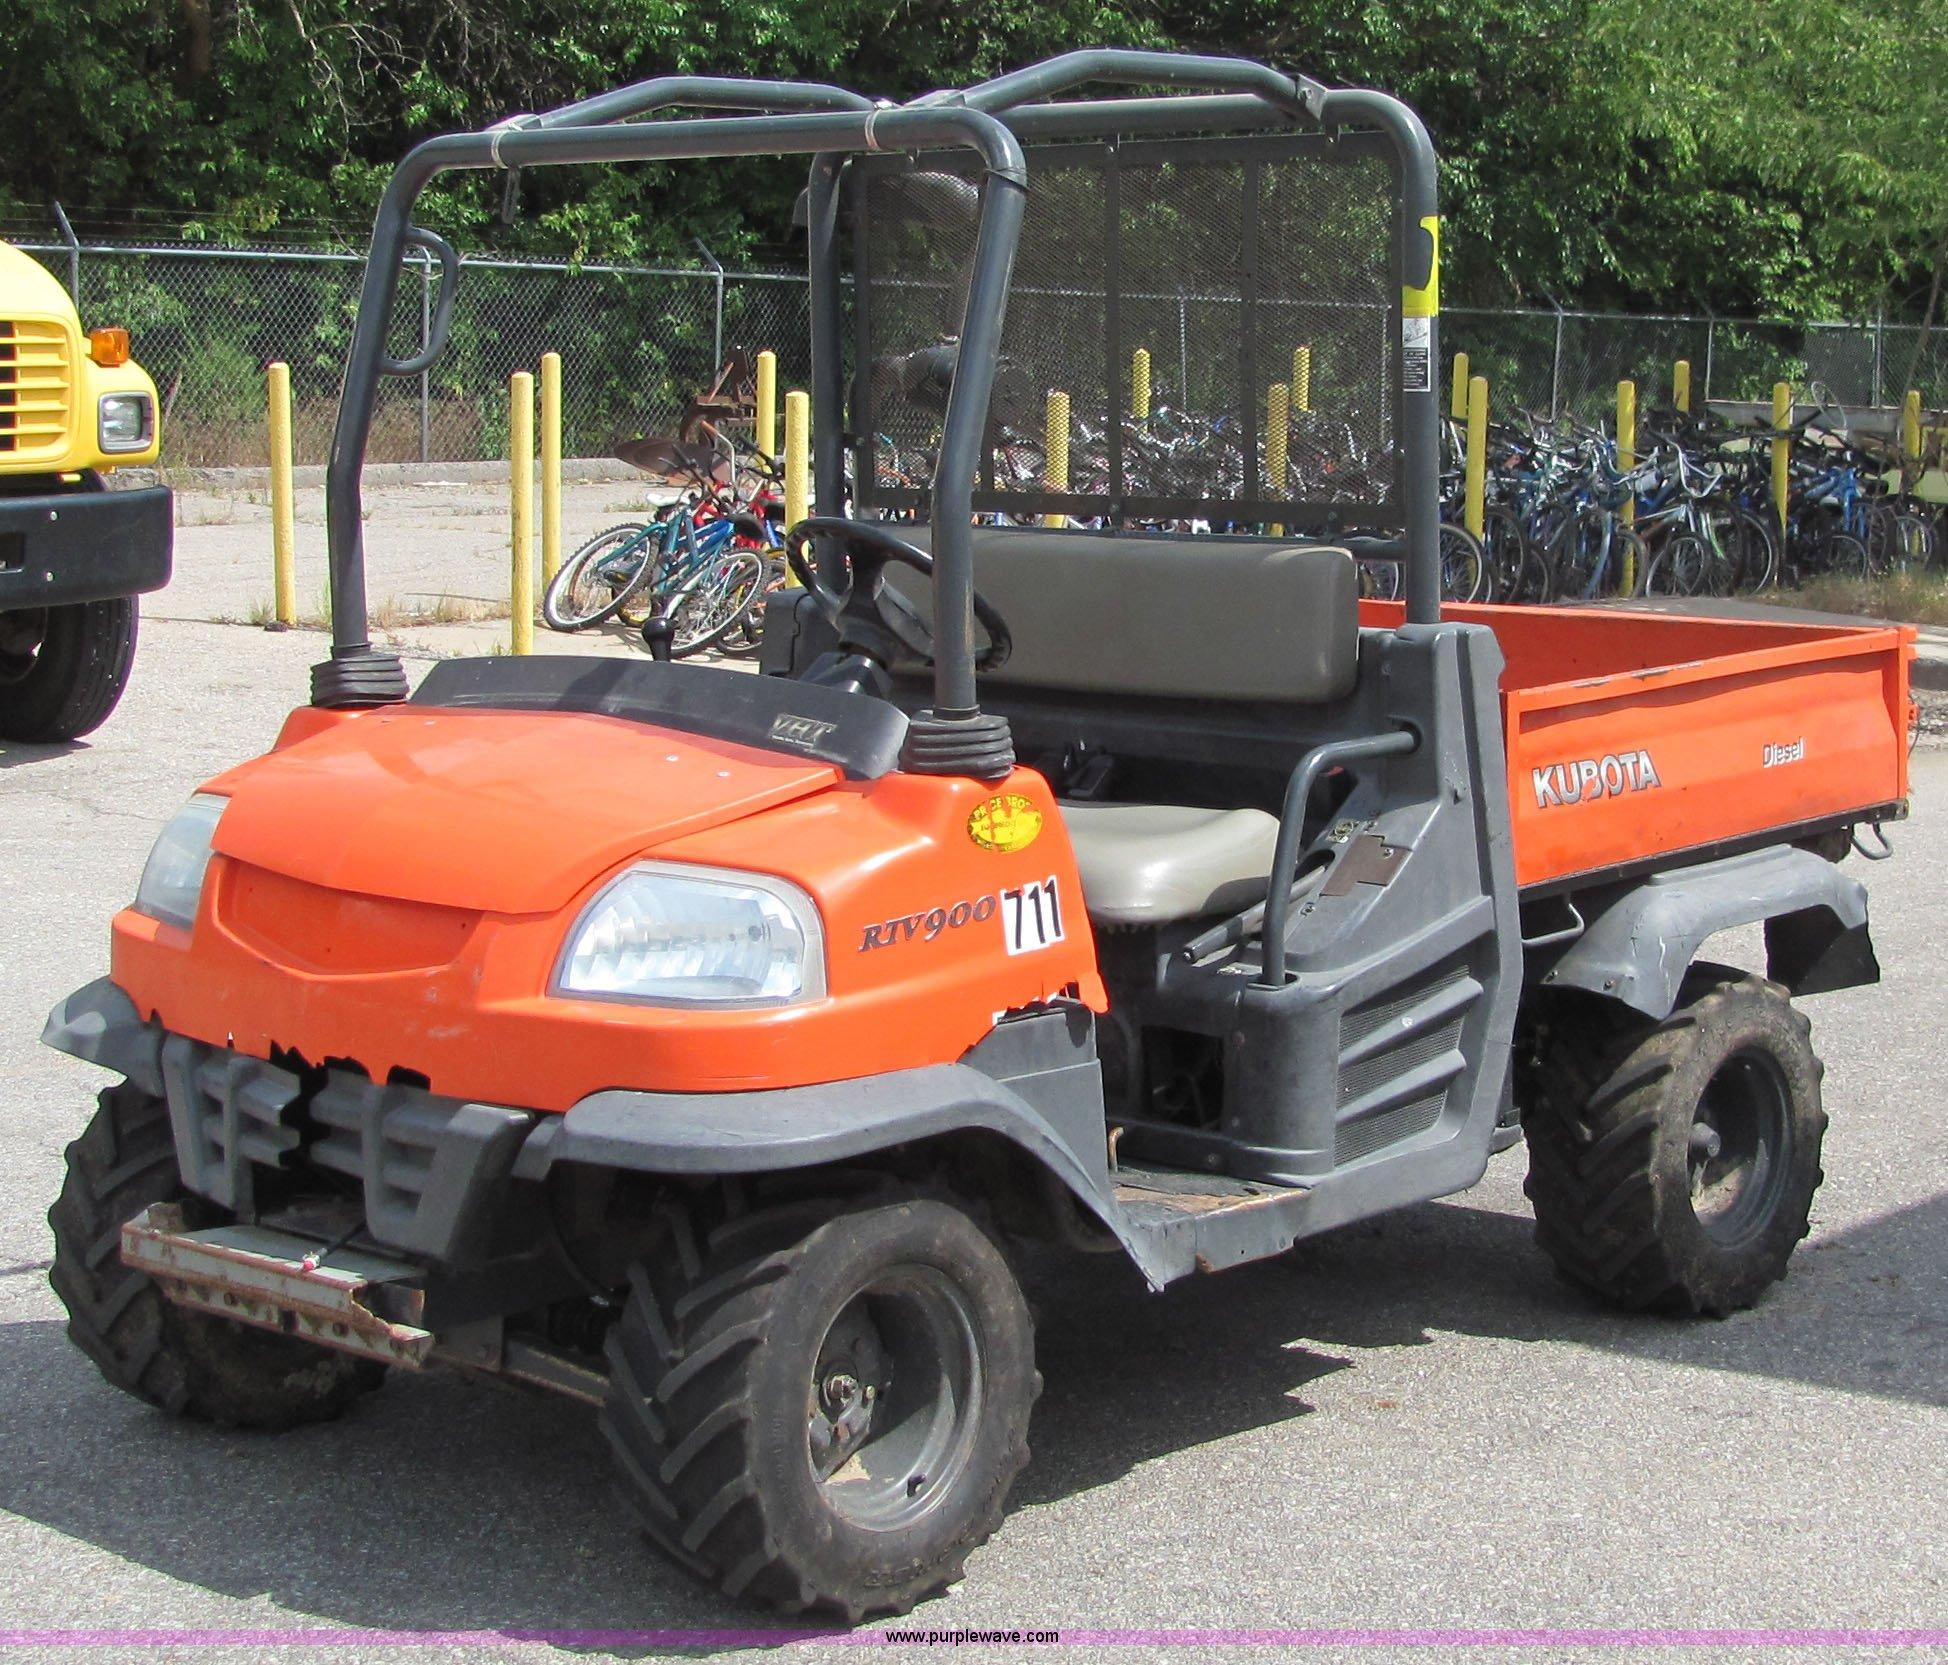 6679 image for item 6679 2007 Kubota RTV 900 utility vehicle